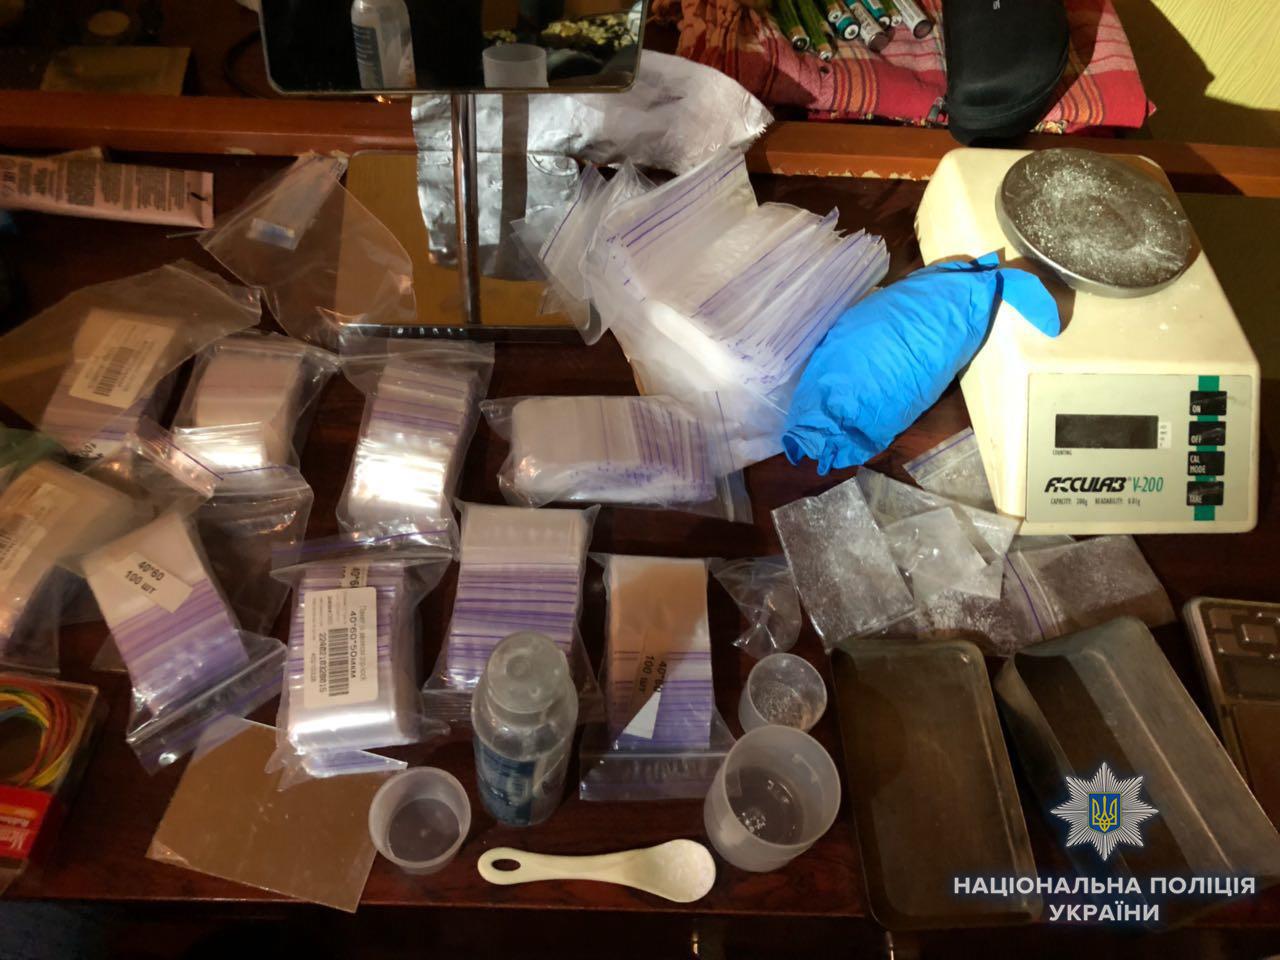 В Киеве ликвидировали нарколабораторию с миллионным доходом